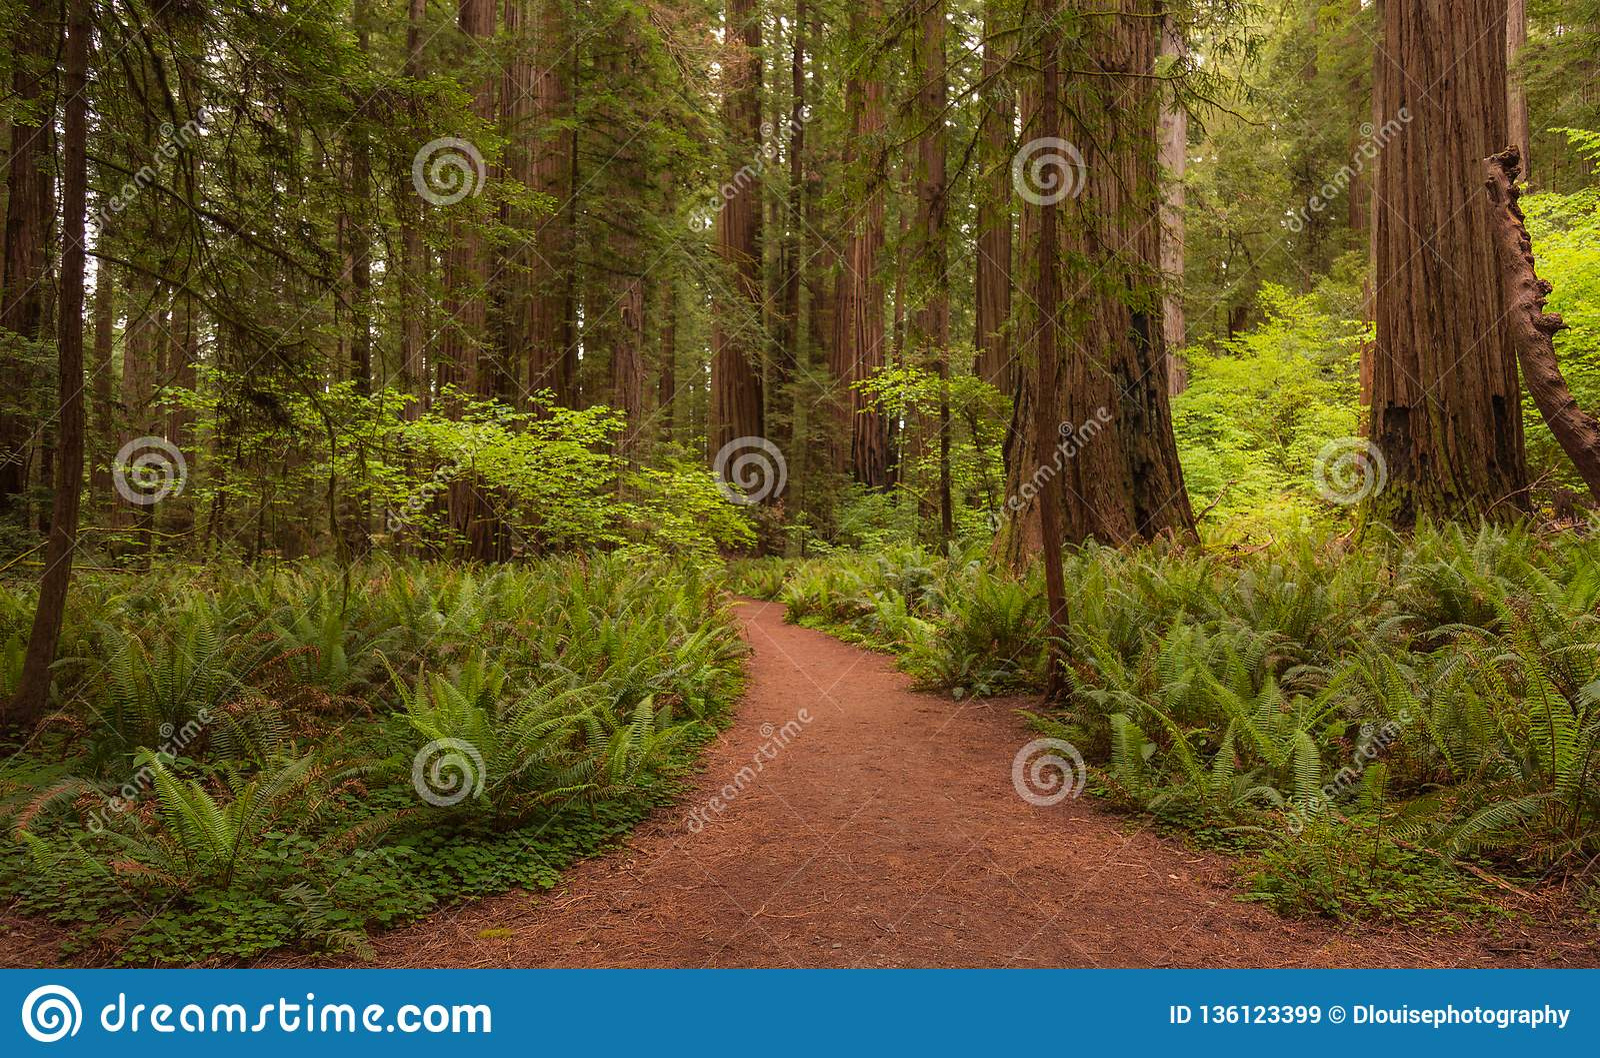 De sleep van de het Parkweg van de Jedidiahcalifornische sequoia door het bos